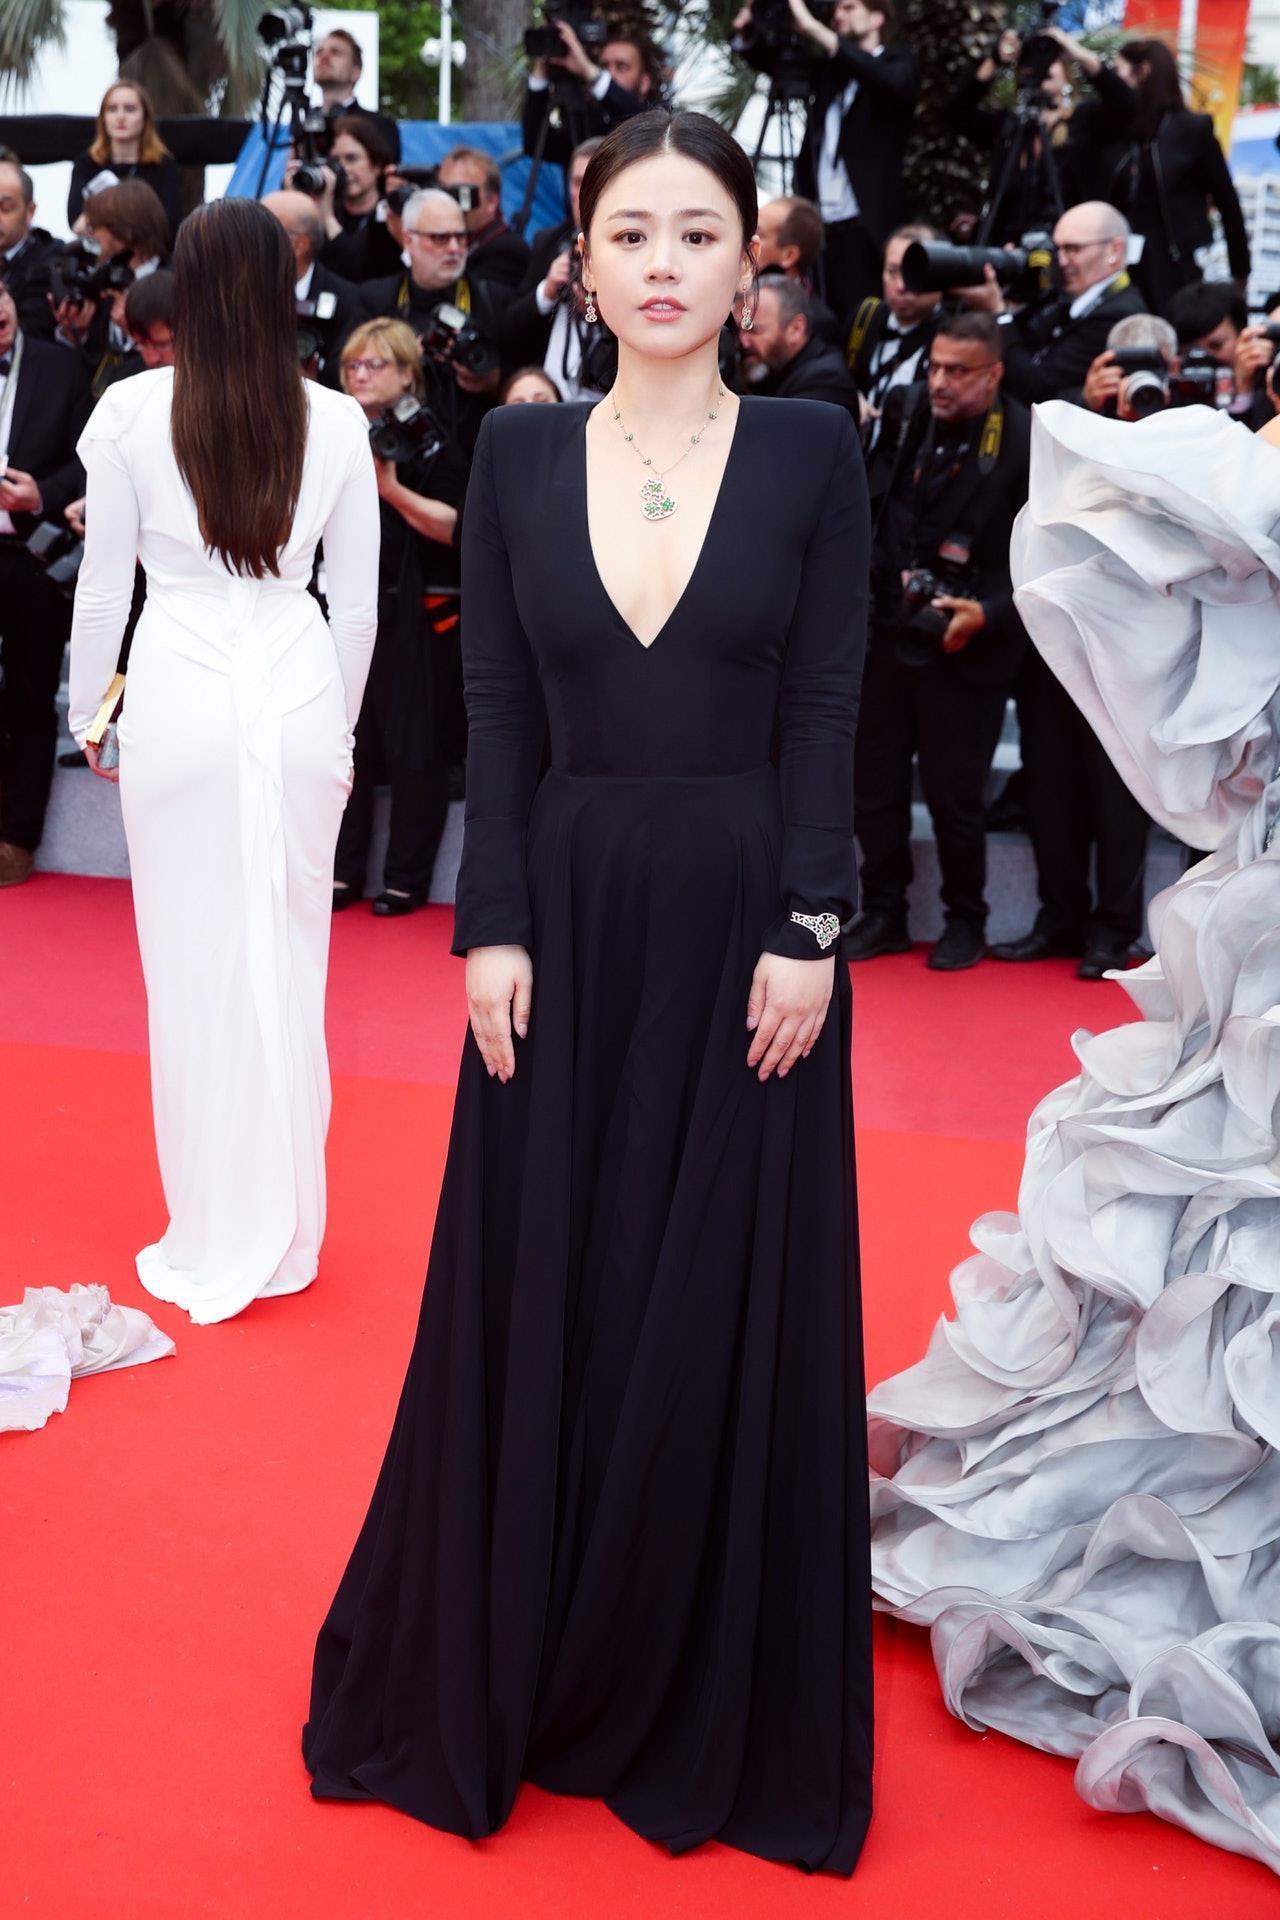 Sao nữ Trung Quốc bị chê bóp eo, nâng ngực quá đà trong ảnh ở Cannes Ảnh 6